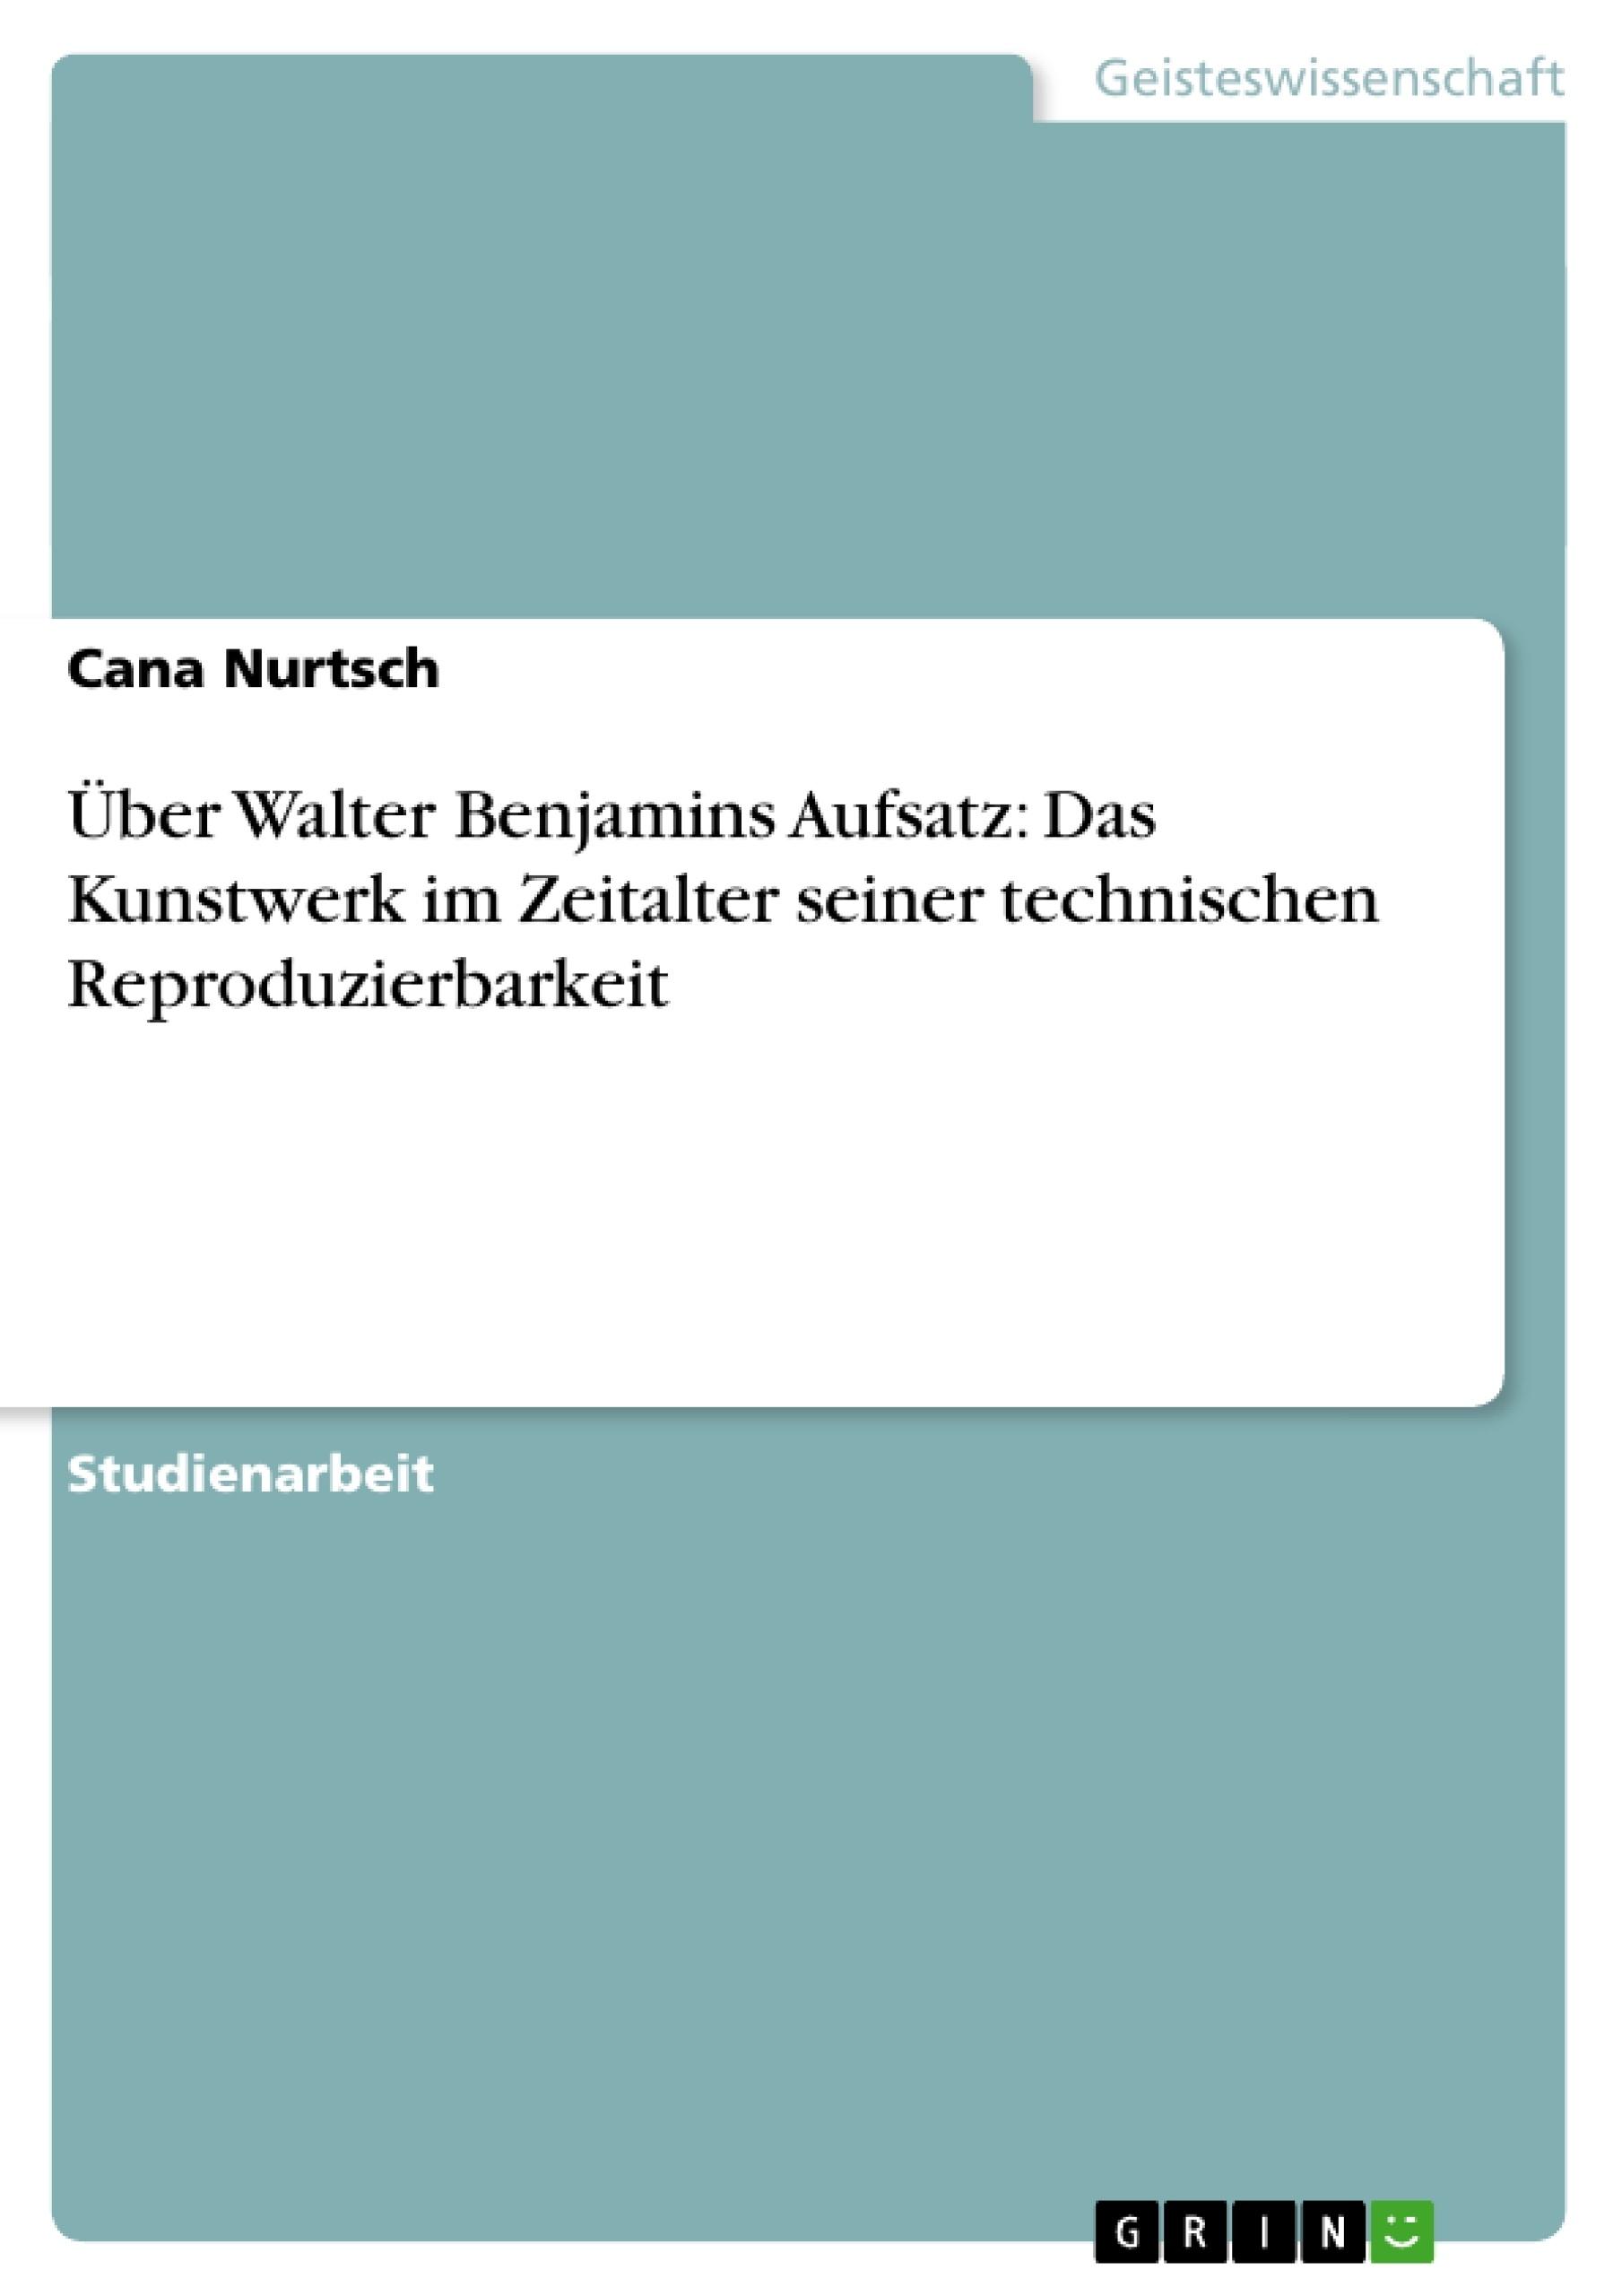 Titel: Über Walter Benjamins Aufsatz: Das Kunstwerk im Zeitalter seiner technischen Reproduzierbarkeit